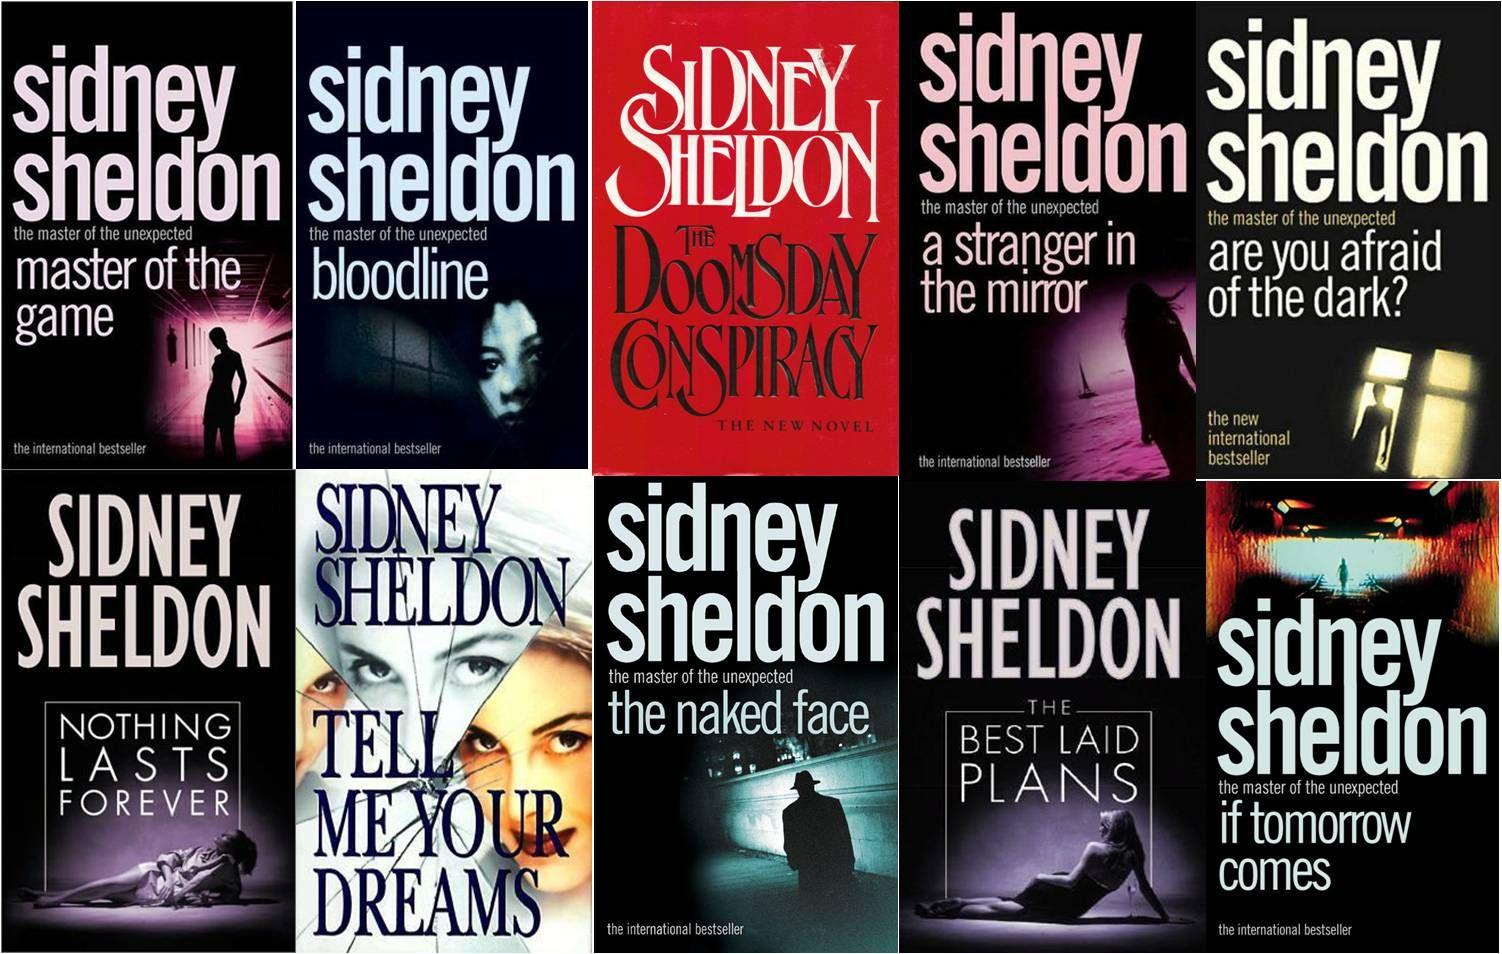 SPOTLIGHT ON… Sidney Sheldon, part 3 | Sidney sheldon, Sidney sheldon  books, Sheldon